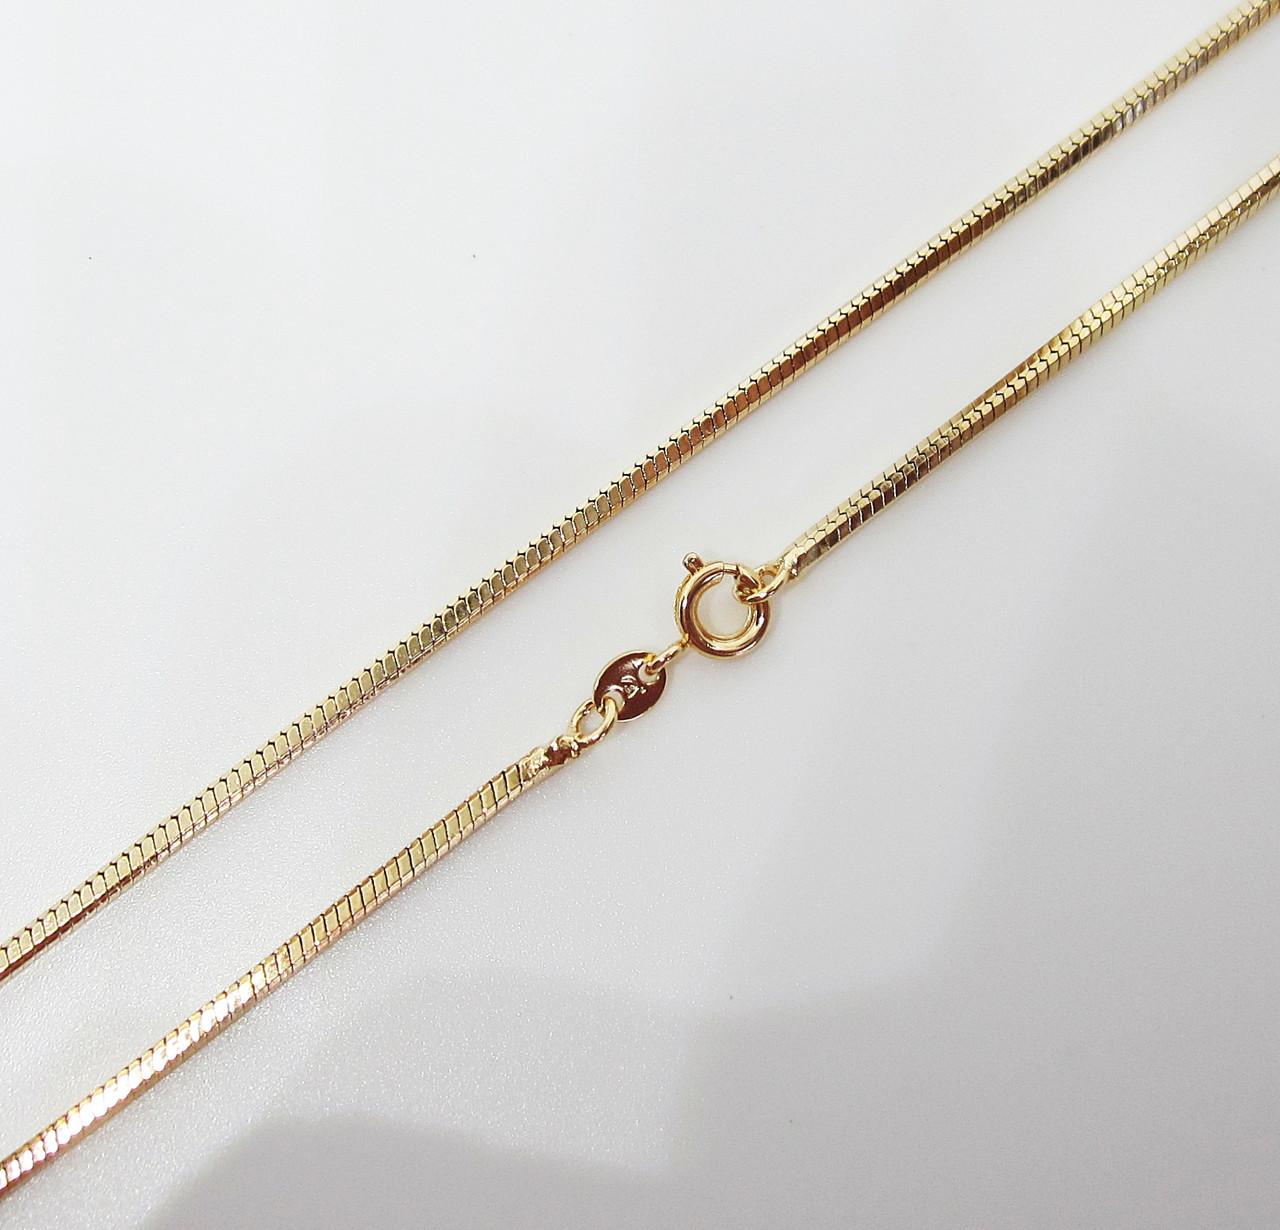 Цепочка плетение Ювелирный шнур 60 см. ширина 2 мм